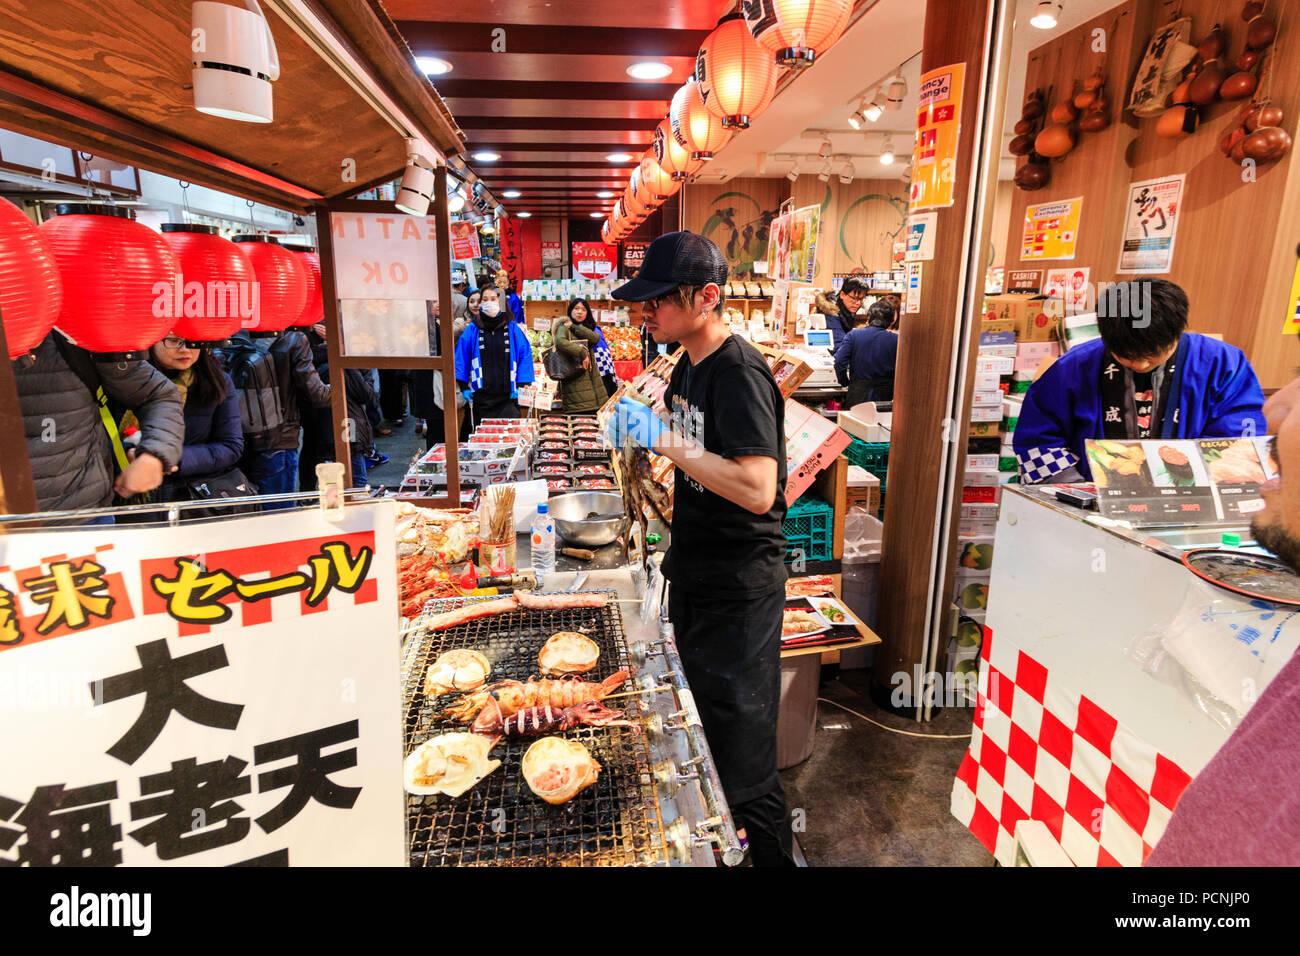 Kuromon Ichiba, mercado de alimentos en Osaka. Pescadores tienda de venta de preenvasado, pescados y mariscos frescos y aperitivos de pescado cocinado. El hombre rompe las piernas de cangrejo Imagen De Stock